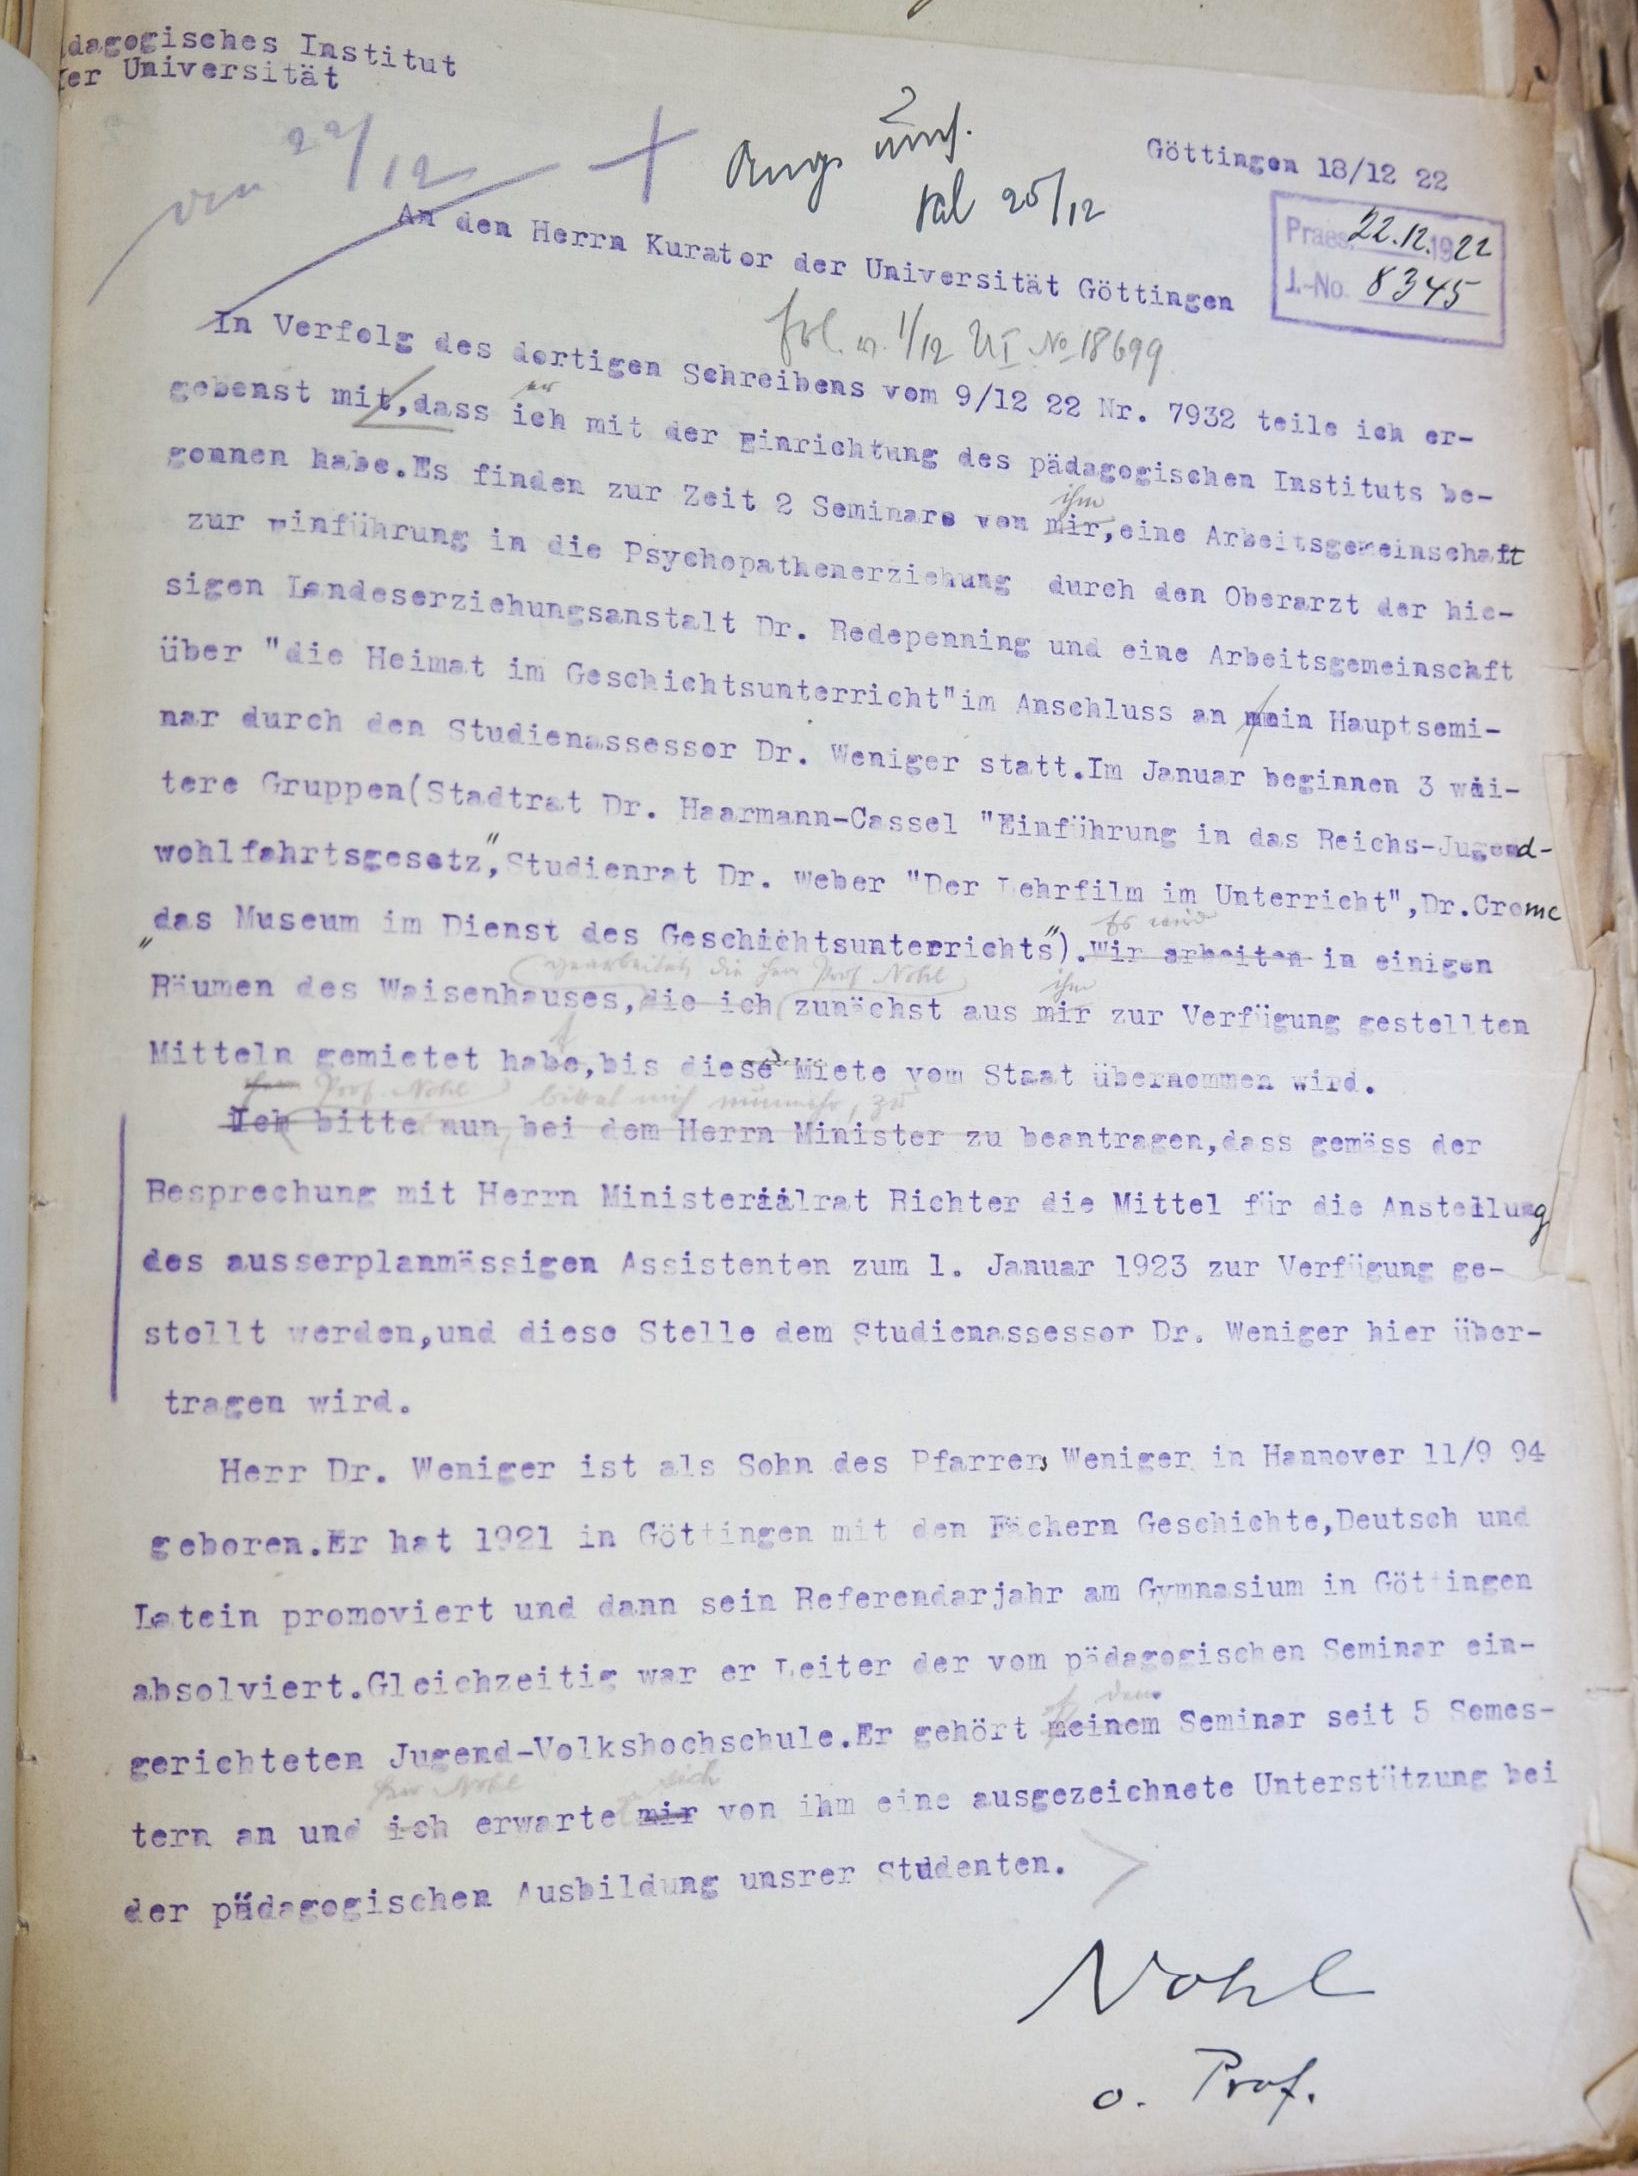 Brief Nohls vom 18.12.1922 an den Kurator der Universität. Quelle: Universitätsarchiv Göttingen, Kur. 1263; unpag.